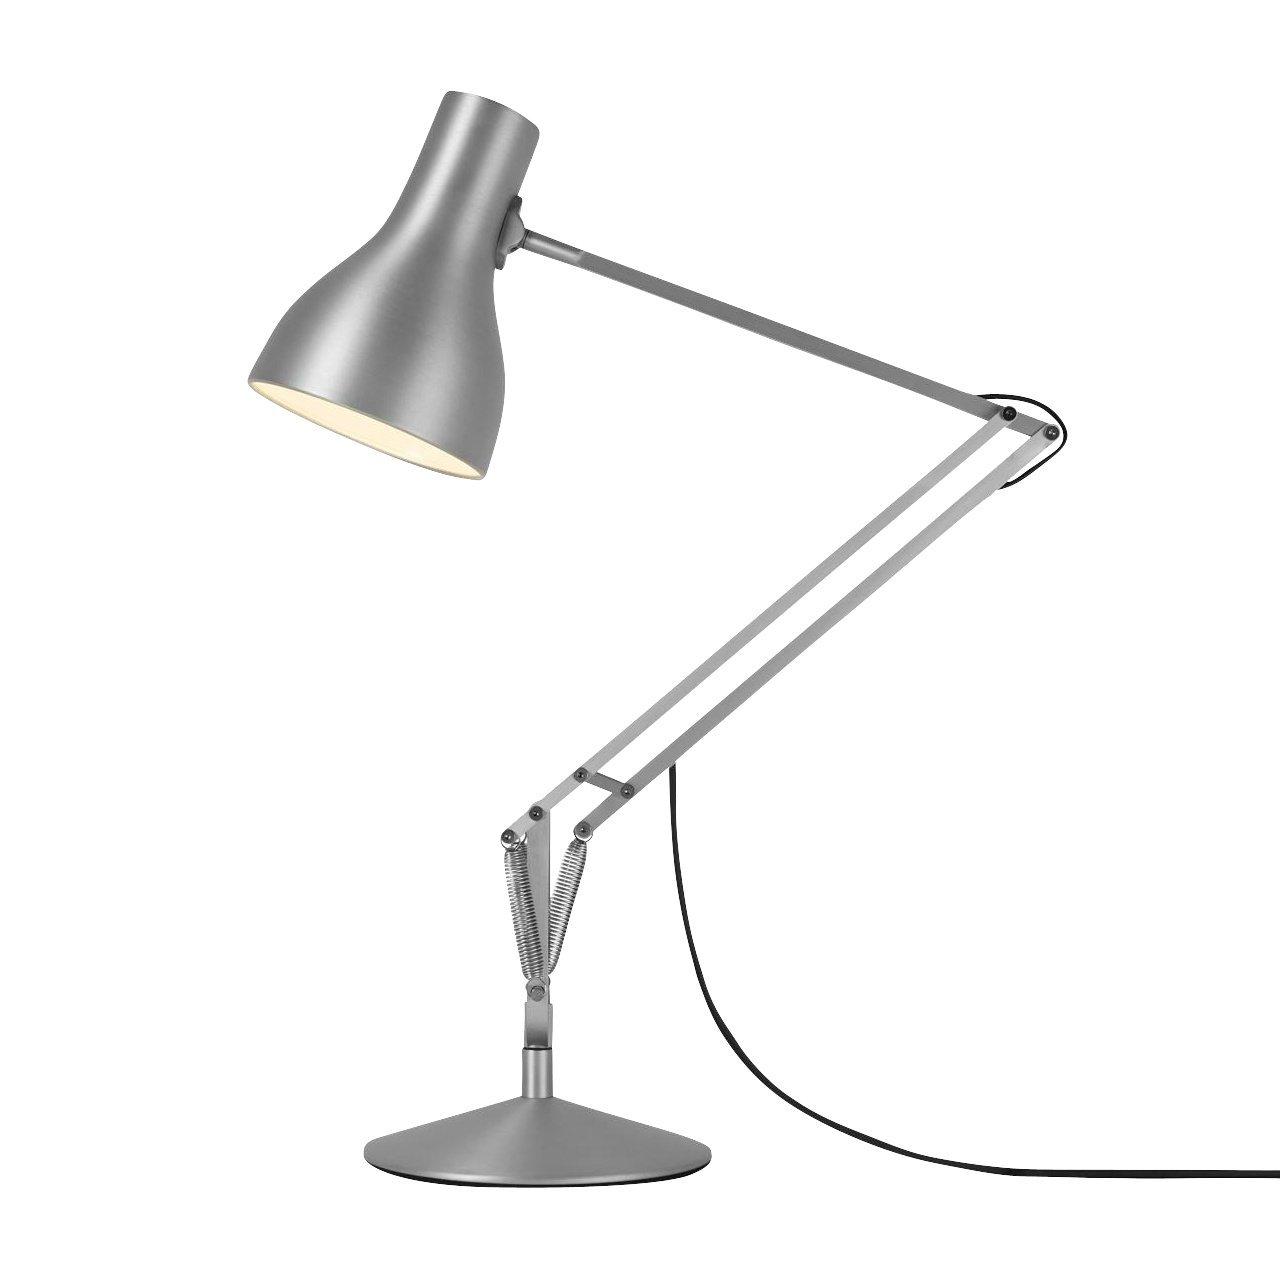 Anglepoise Type 75 Schreibtischleuchte, silber Lustre matt LxB 32x20cm H 53-66cm inkl. LED E27 6W 2700K 470lm CRI80